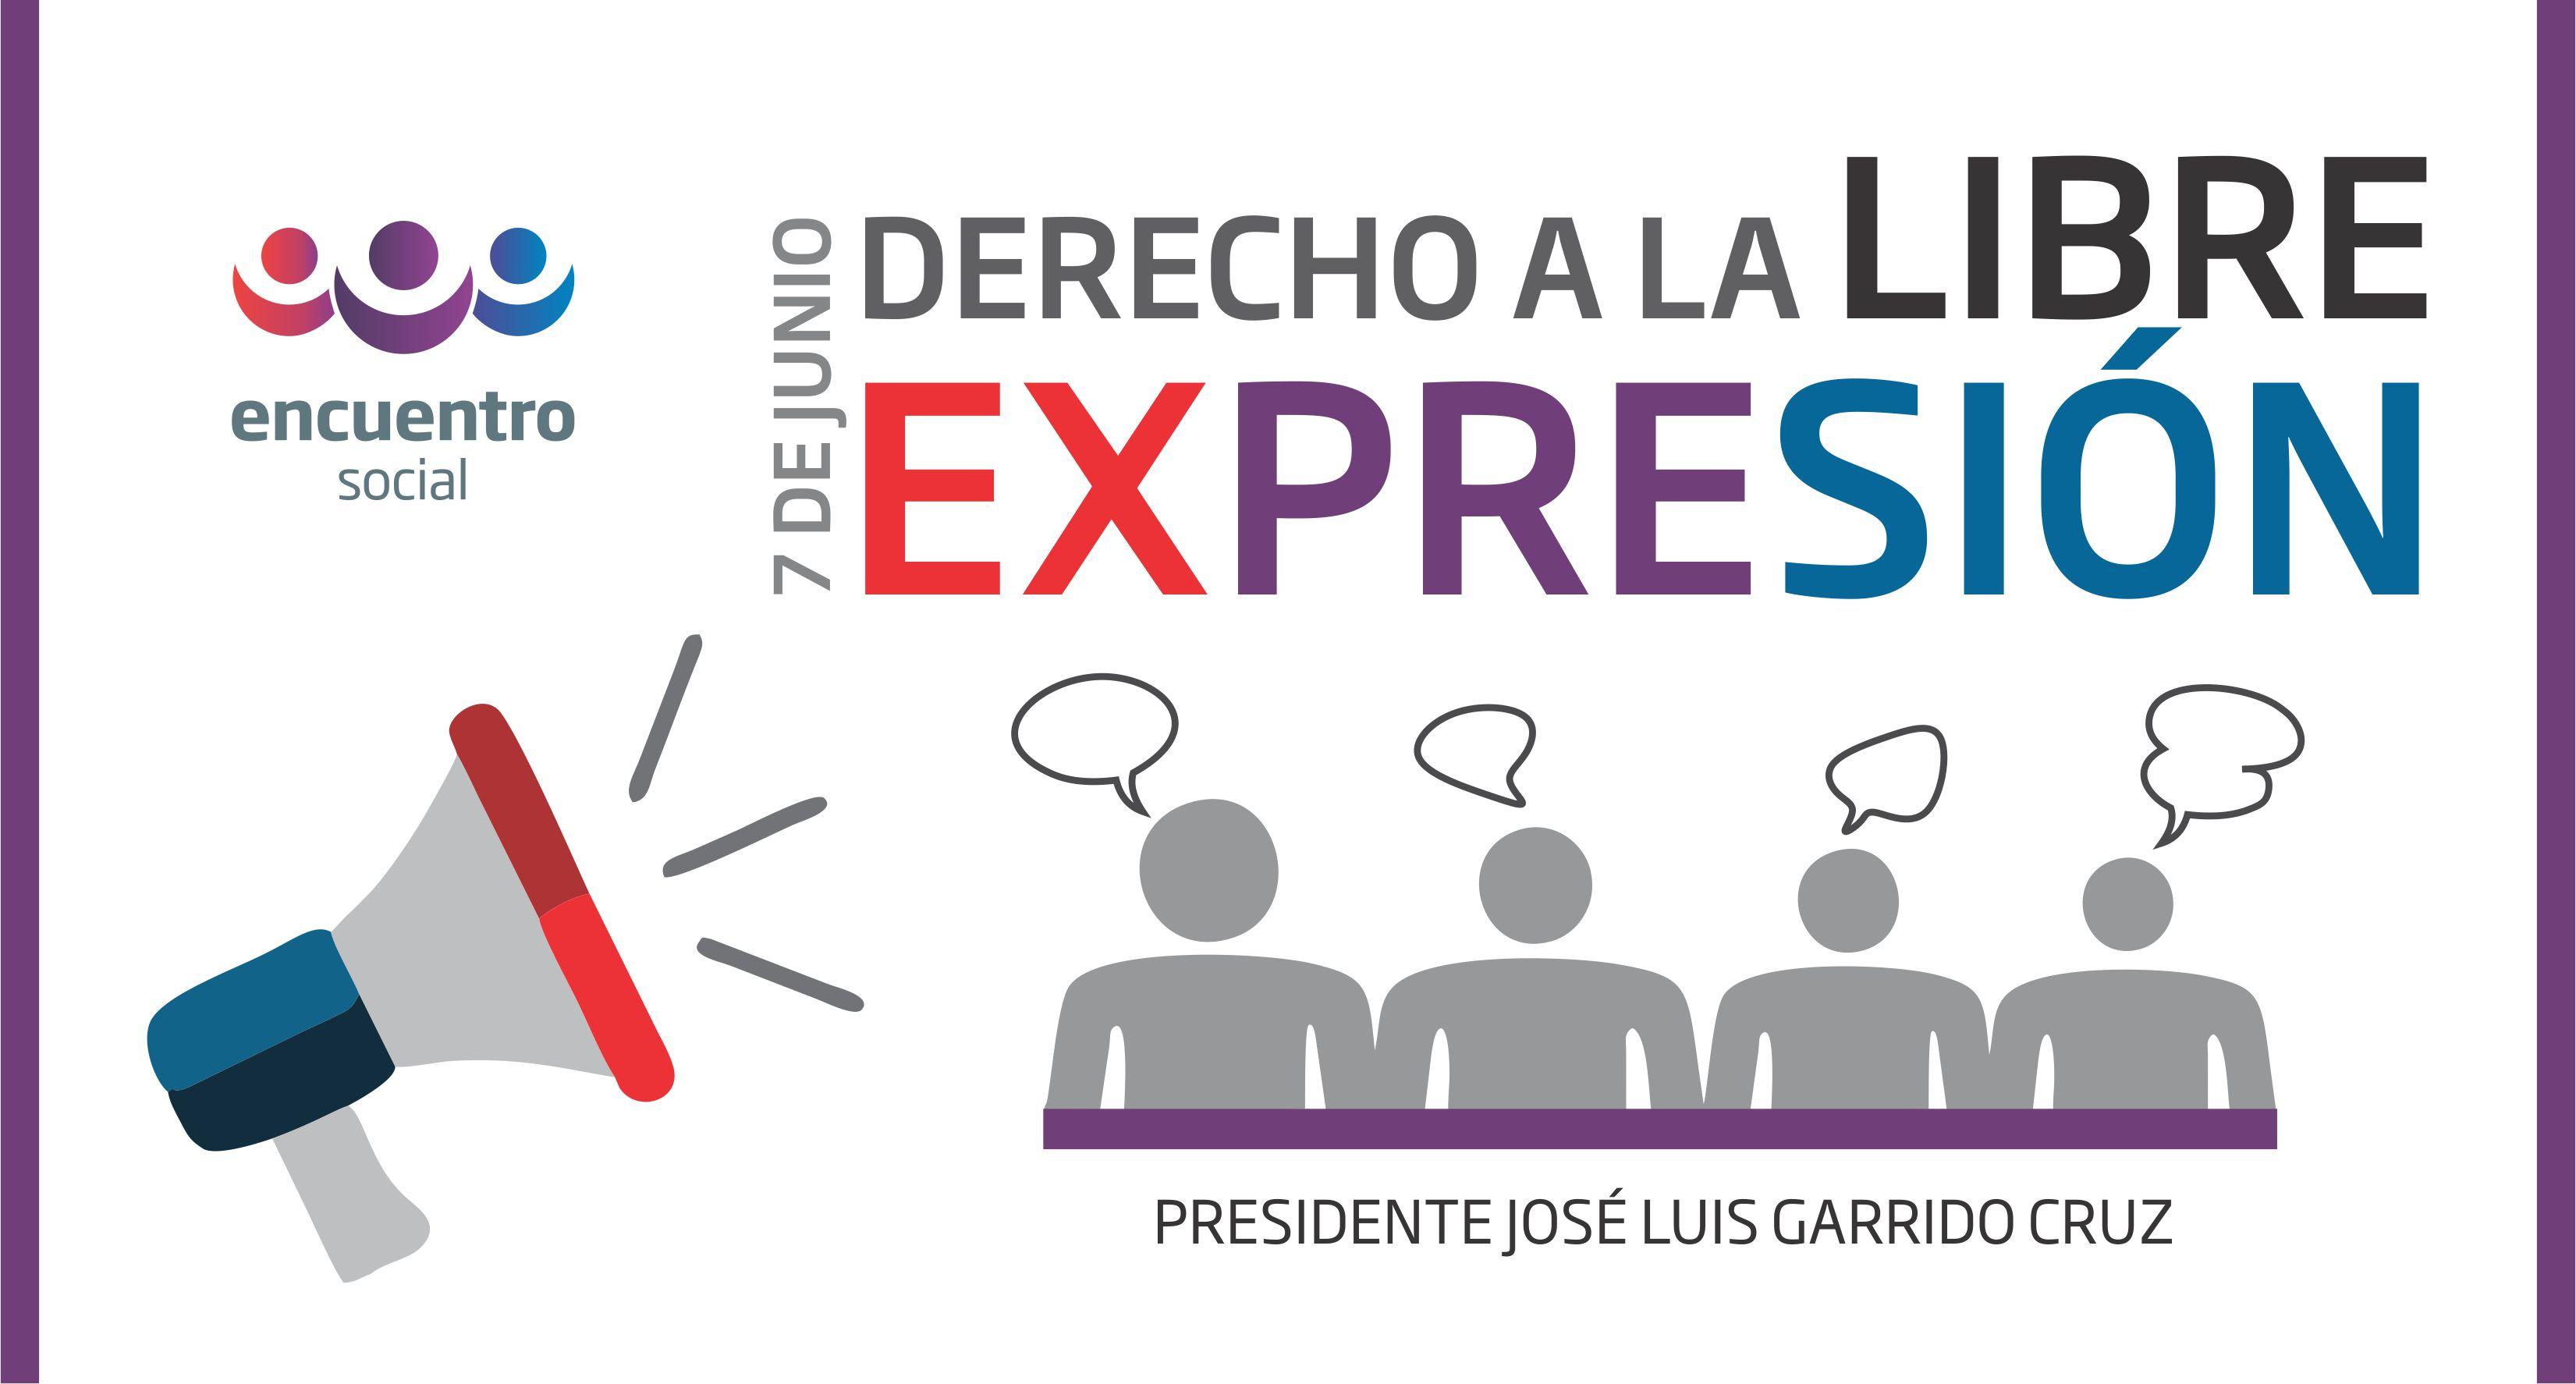 Derecho a la libre expresión: José Luis Garrido Cruz